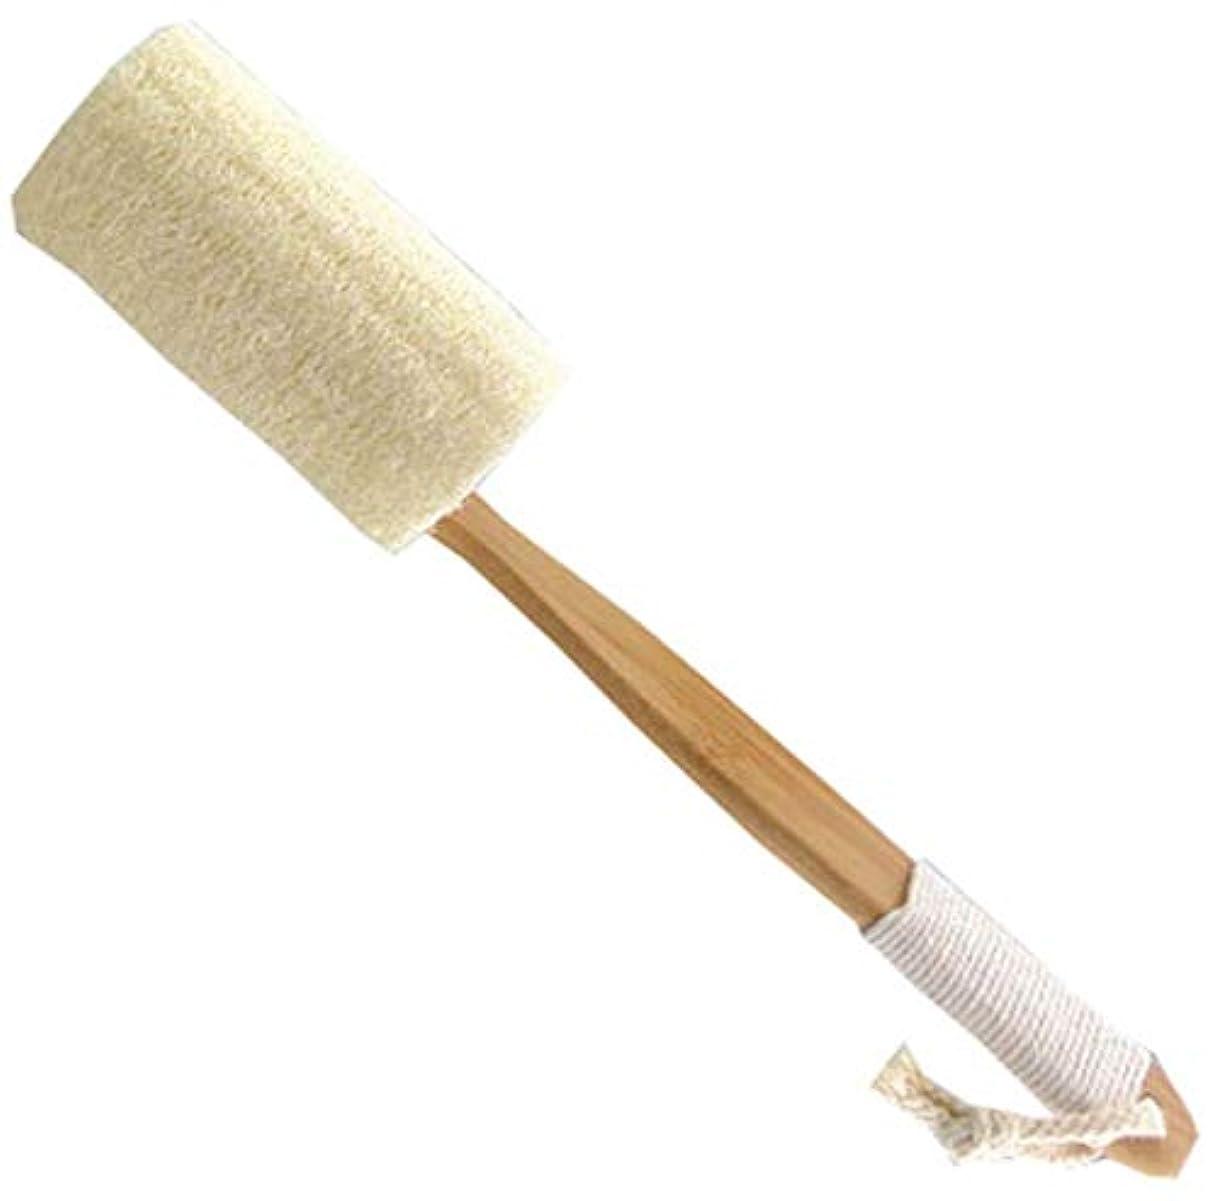 タイマークローゼット薬用ボディスキンブラシは、スキンの健康と美容を改善します。天然ロウファブラシ